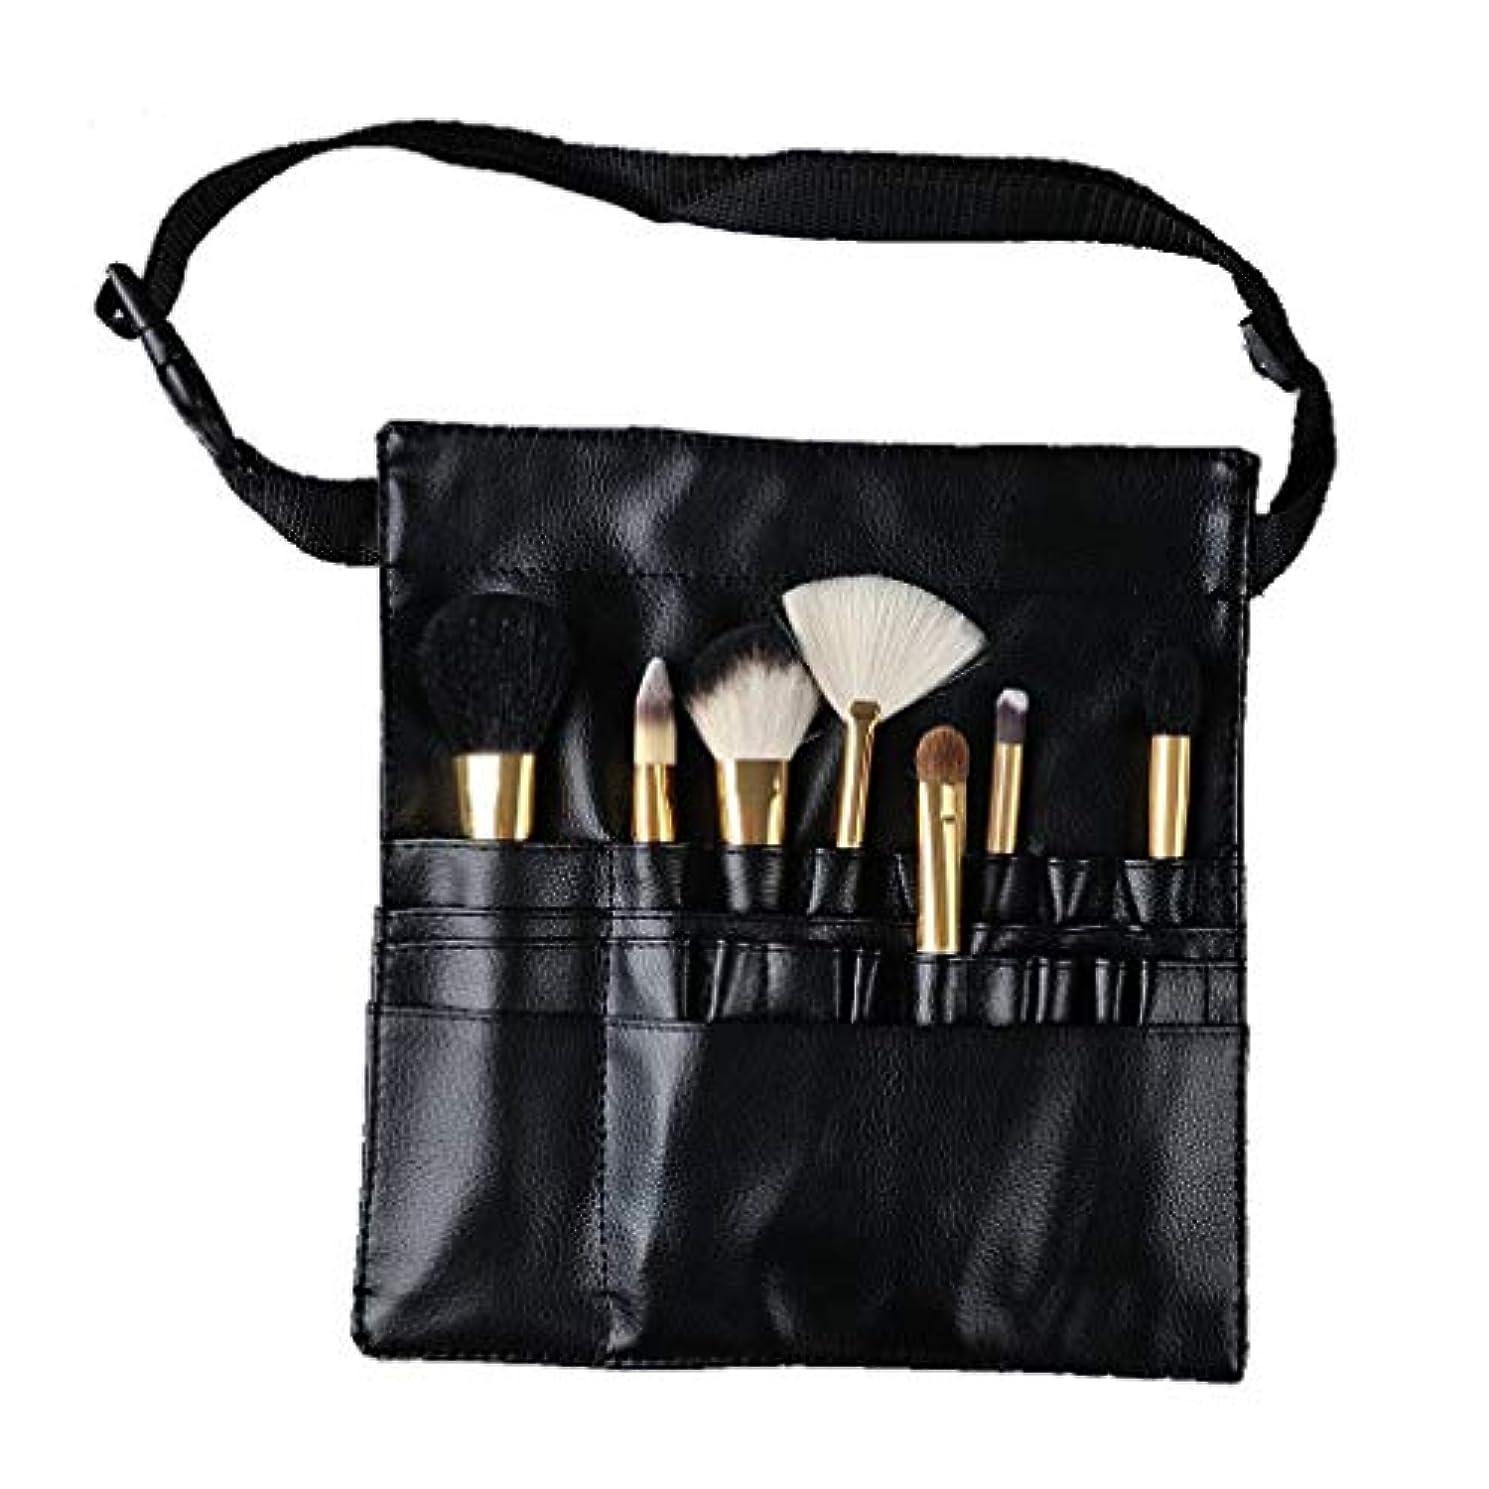 バウンドラッシュ消すHonel メイクブラシケース 腰巻き メイクウエストバッグ 化粧バッグ 美容師 多機能収納 汚れ防止カバー シザーケース 化粧筆ケース